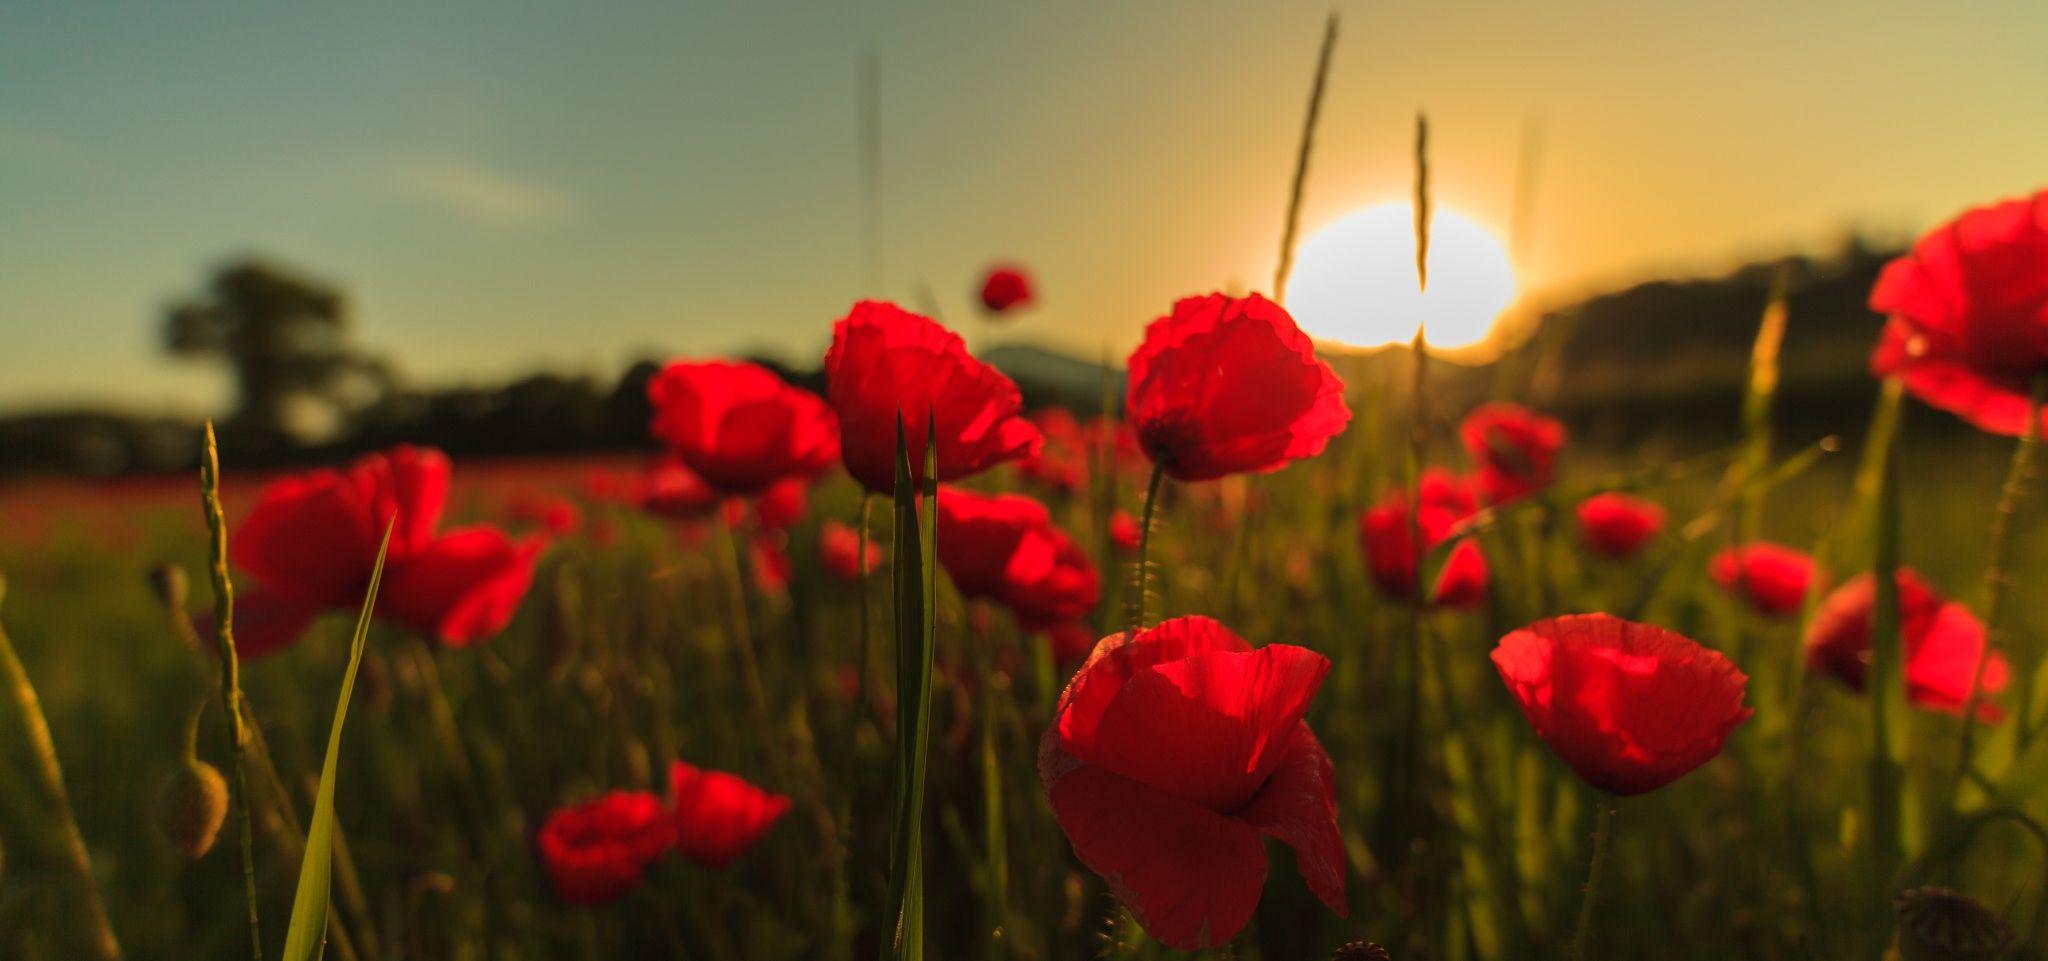 Field Of Poppies At Sunrise Mohnblumenfeld Mohnblume Mohn Blumen